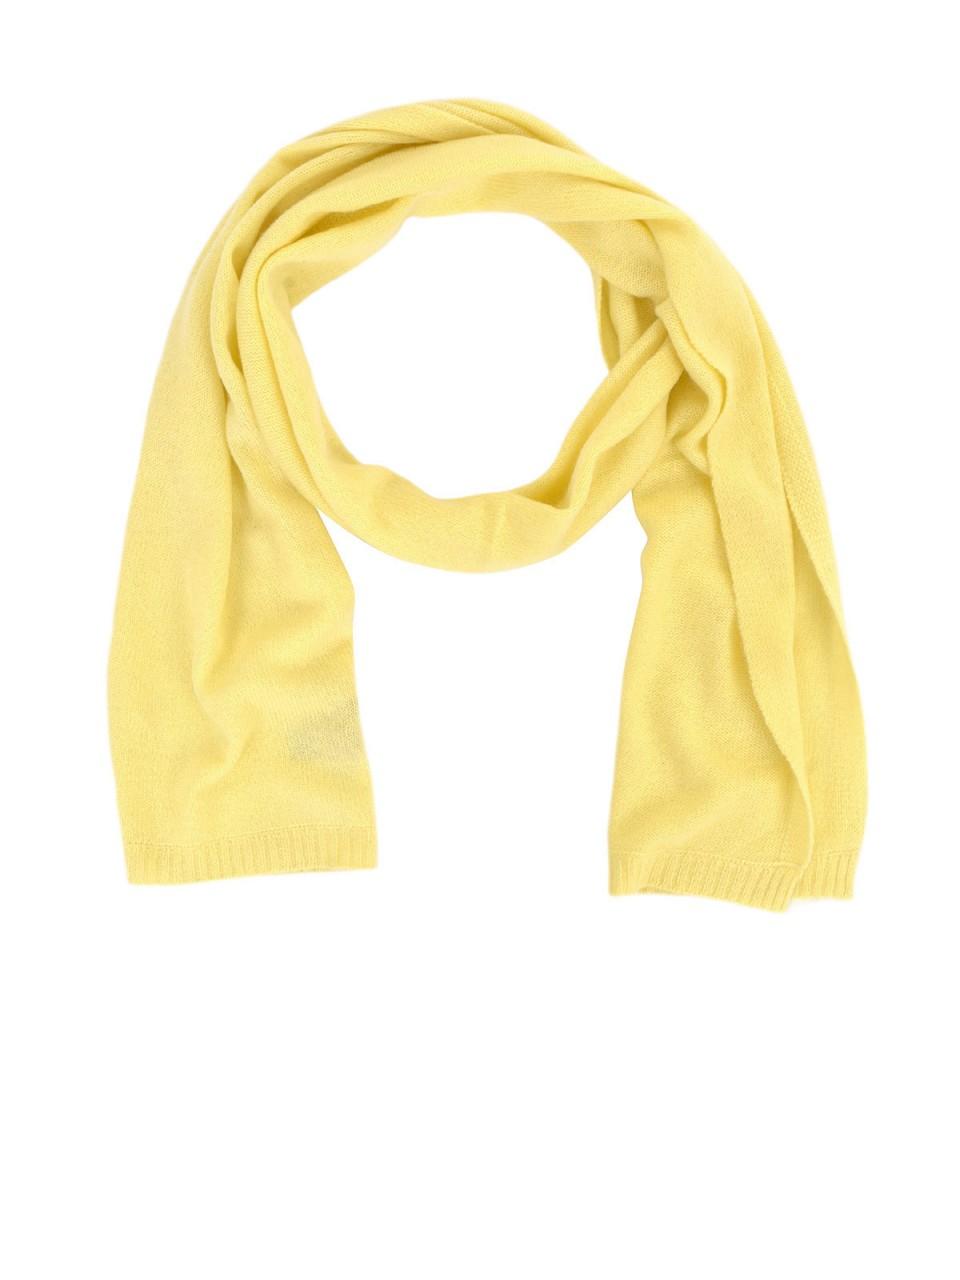 milano-italy-kaschmirschal-gelb